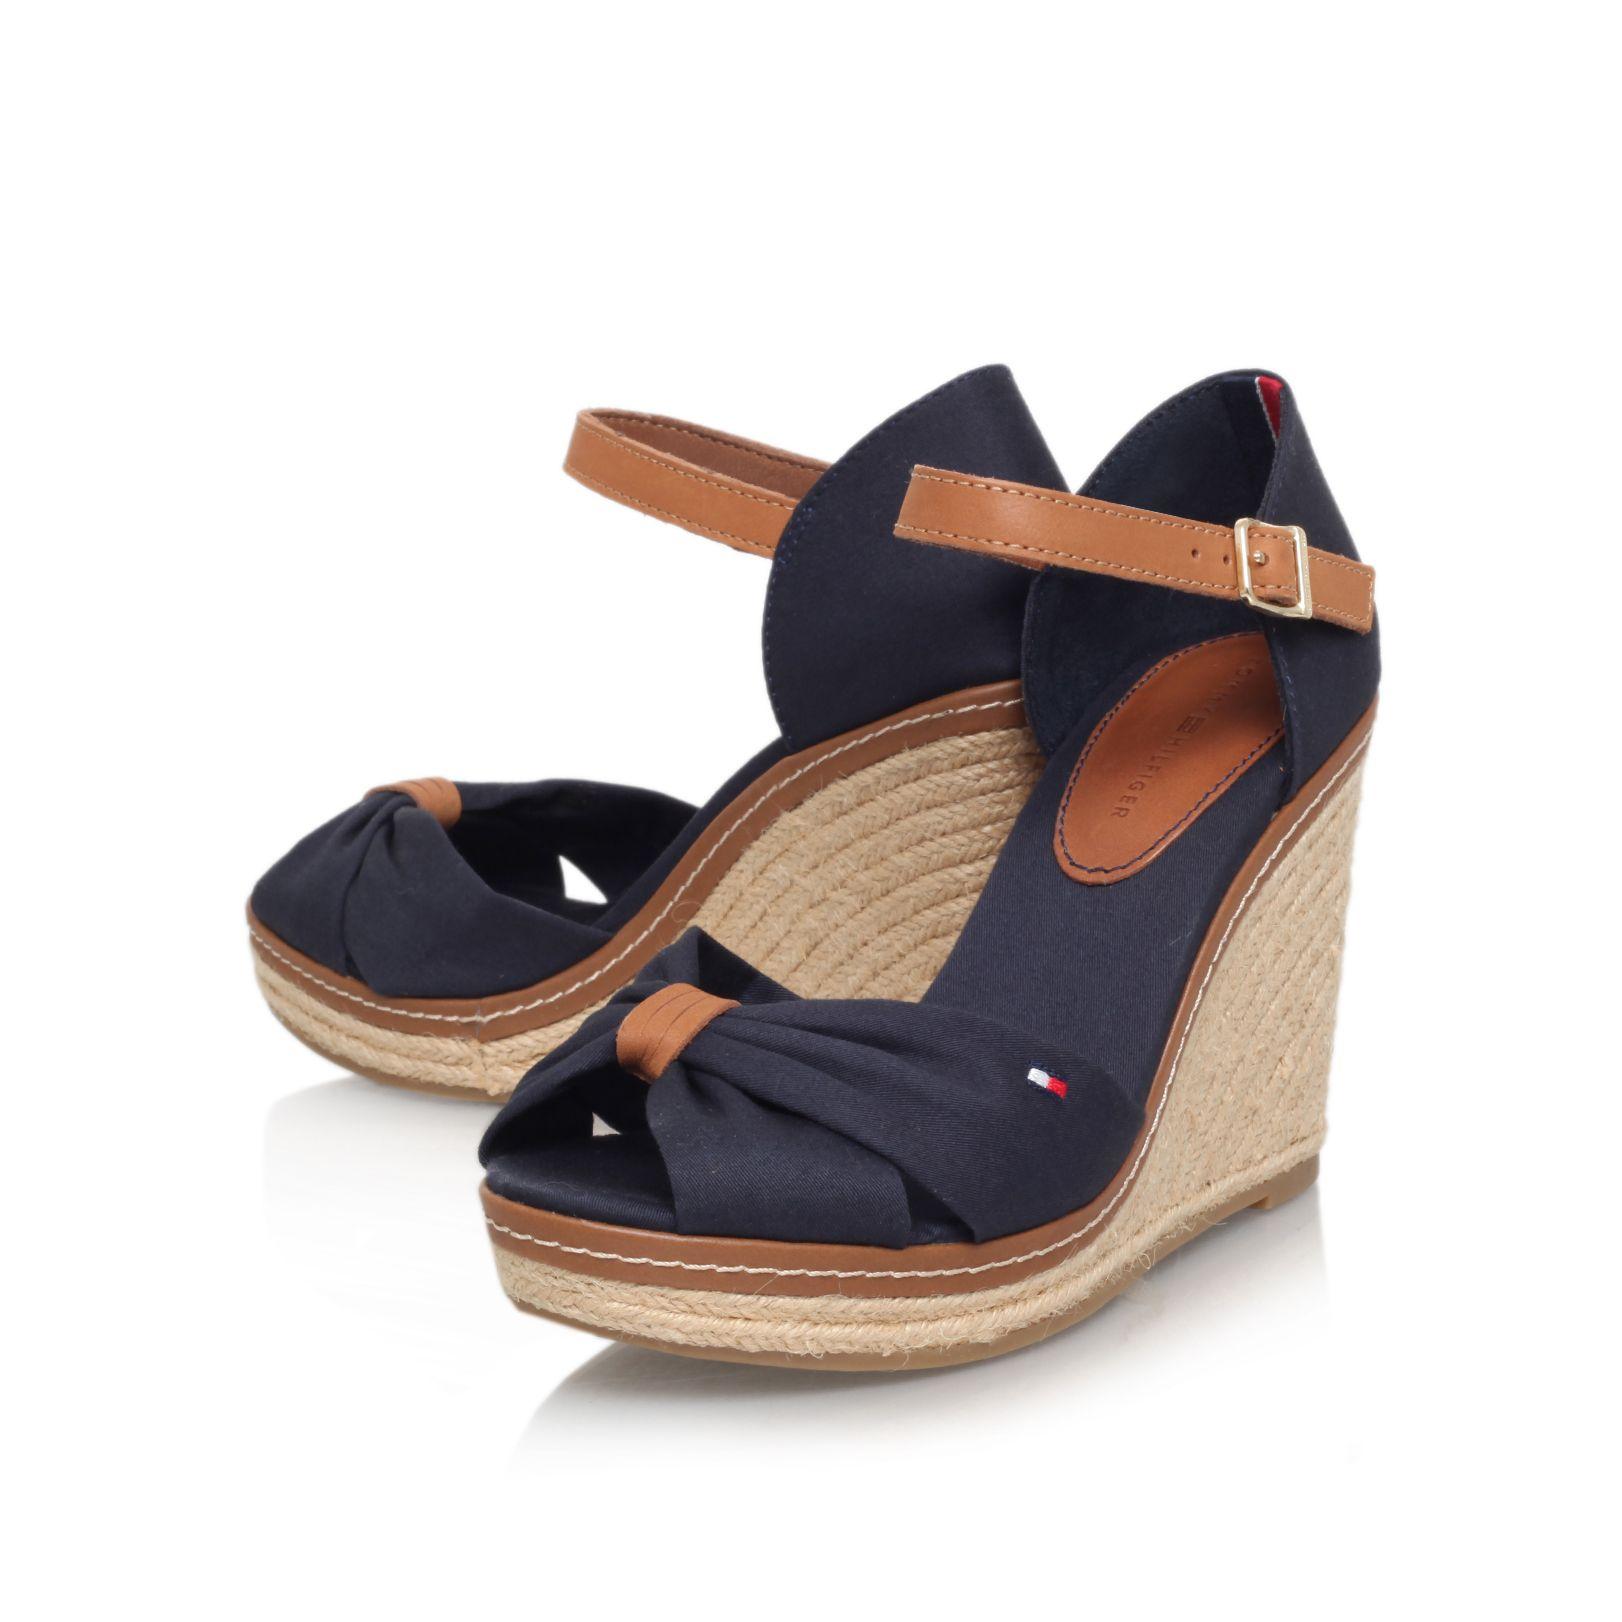 Tommy Hilfiger Platform sandals - dark blue ARLkiE